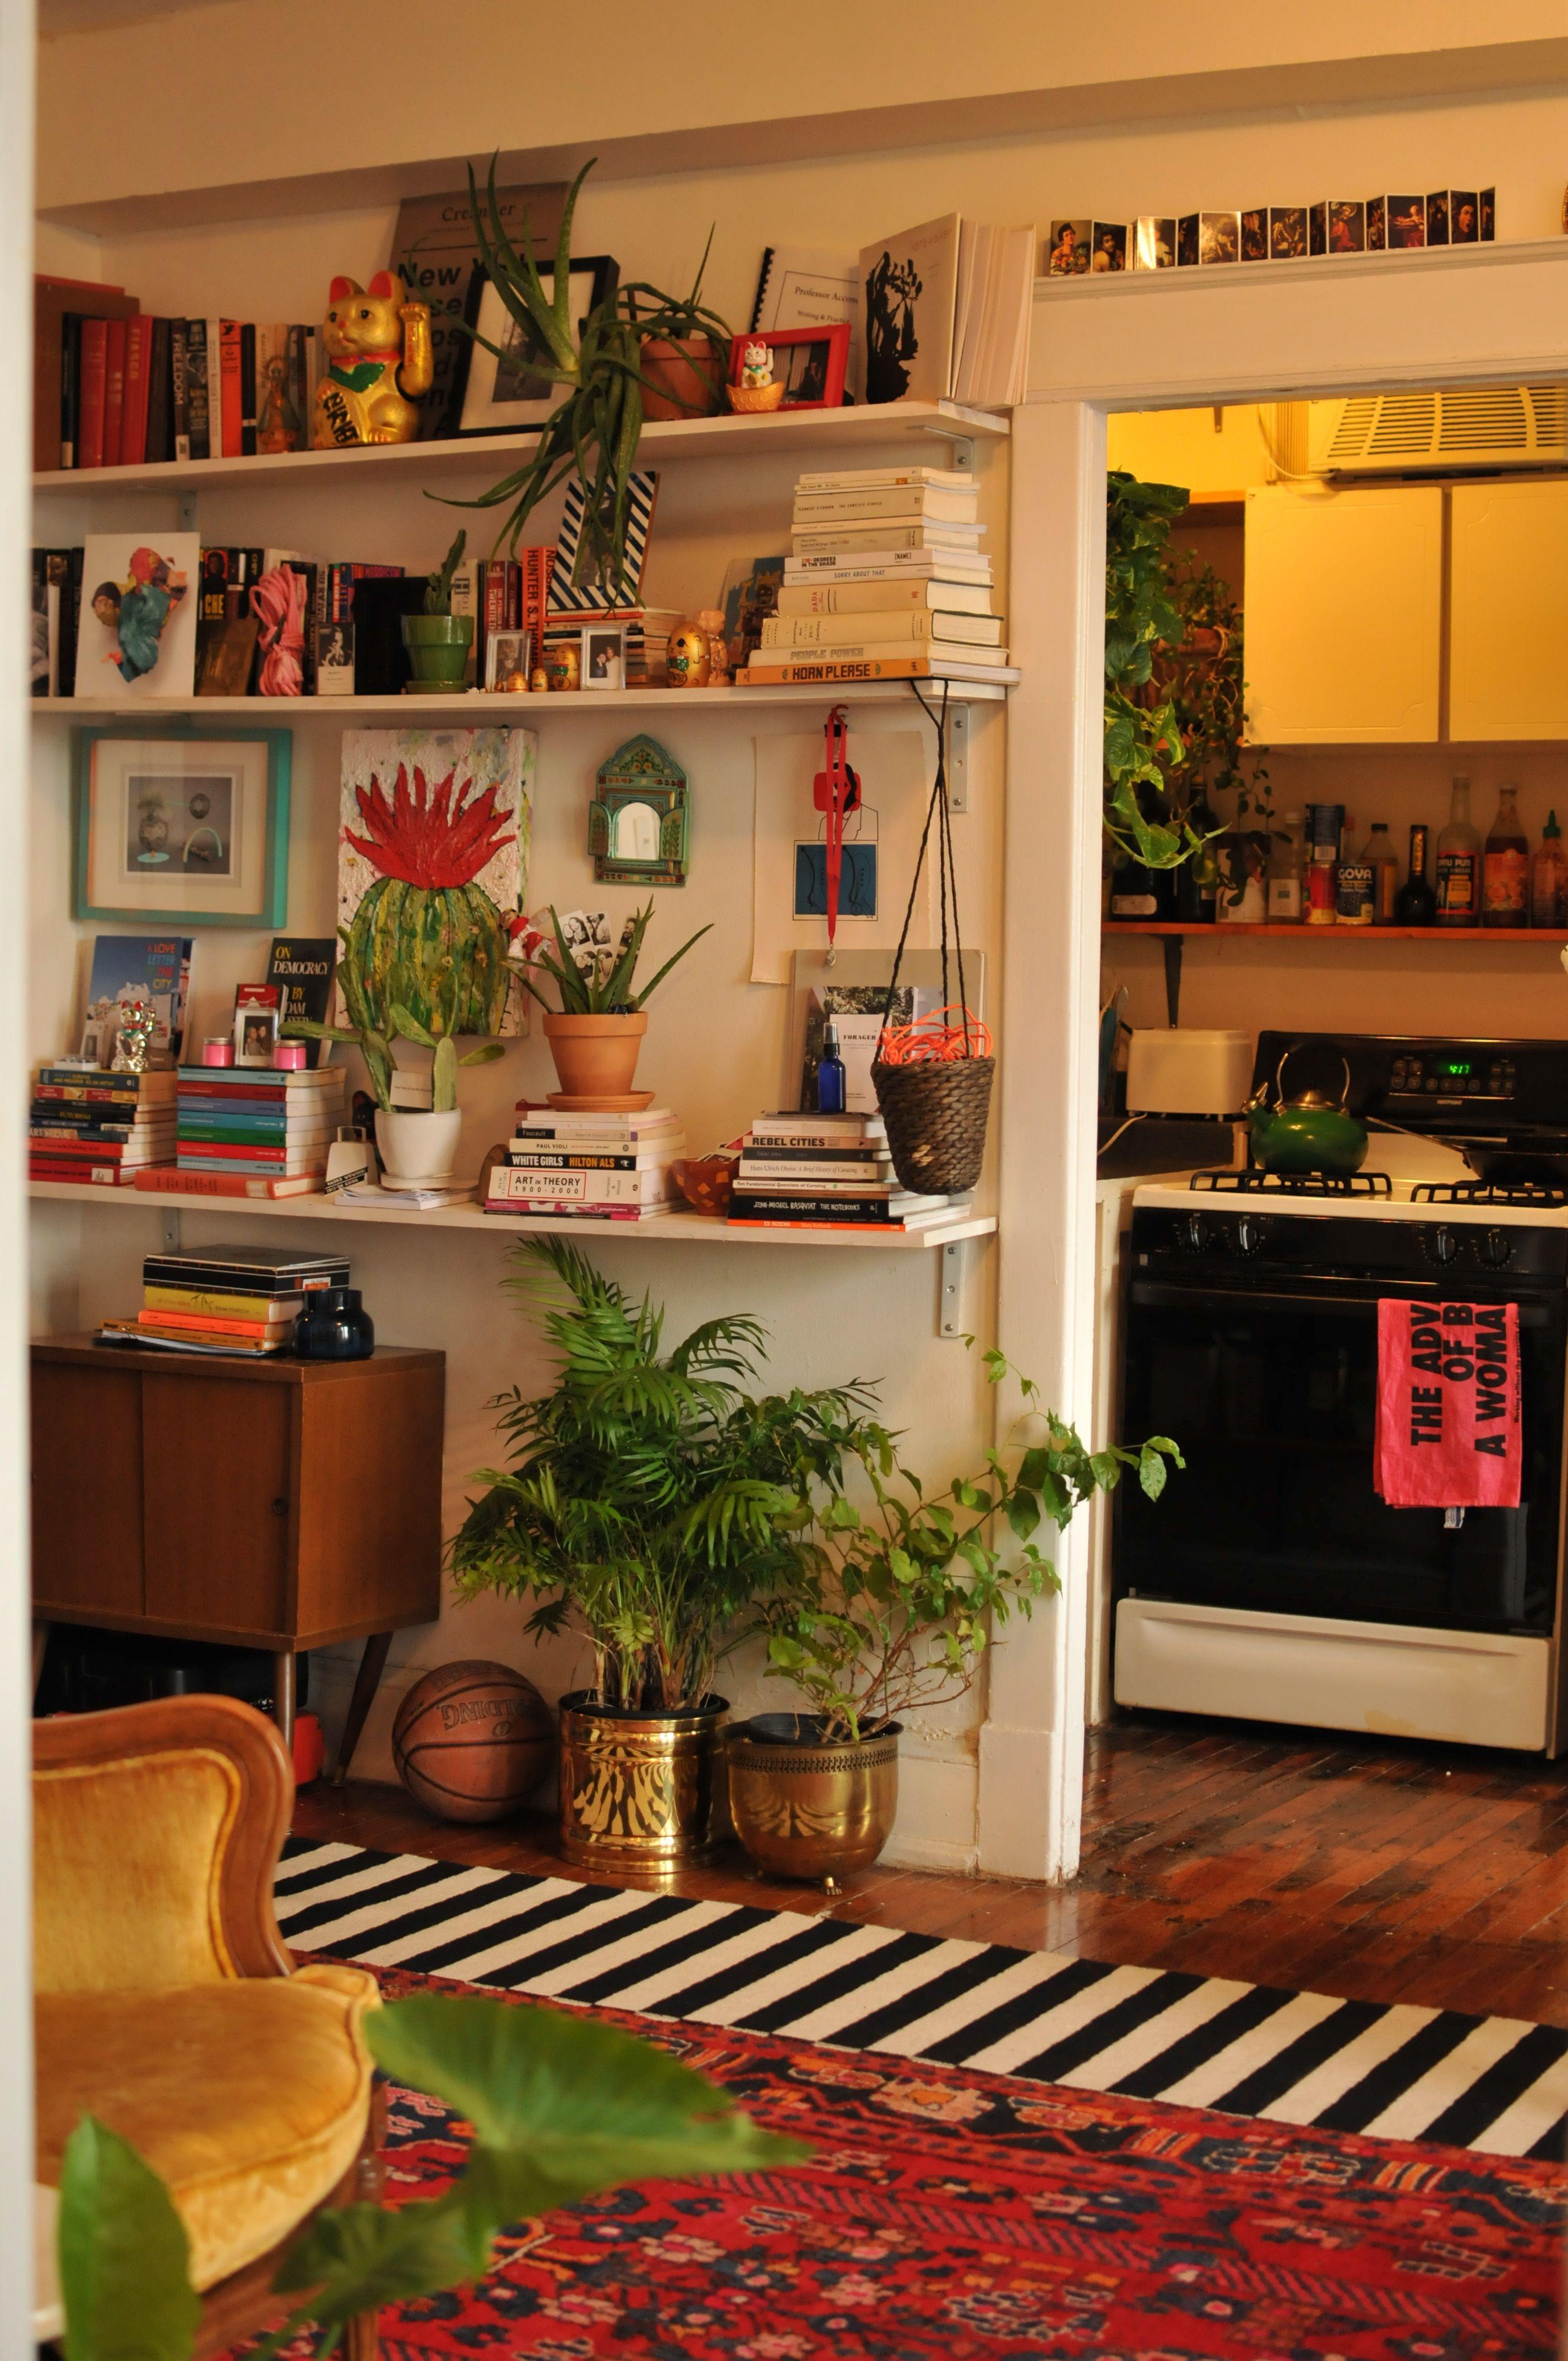 belle maison salon maison idees pour la maison mobilier de salon amenagement